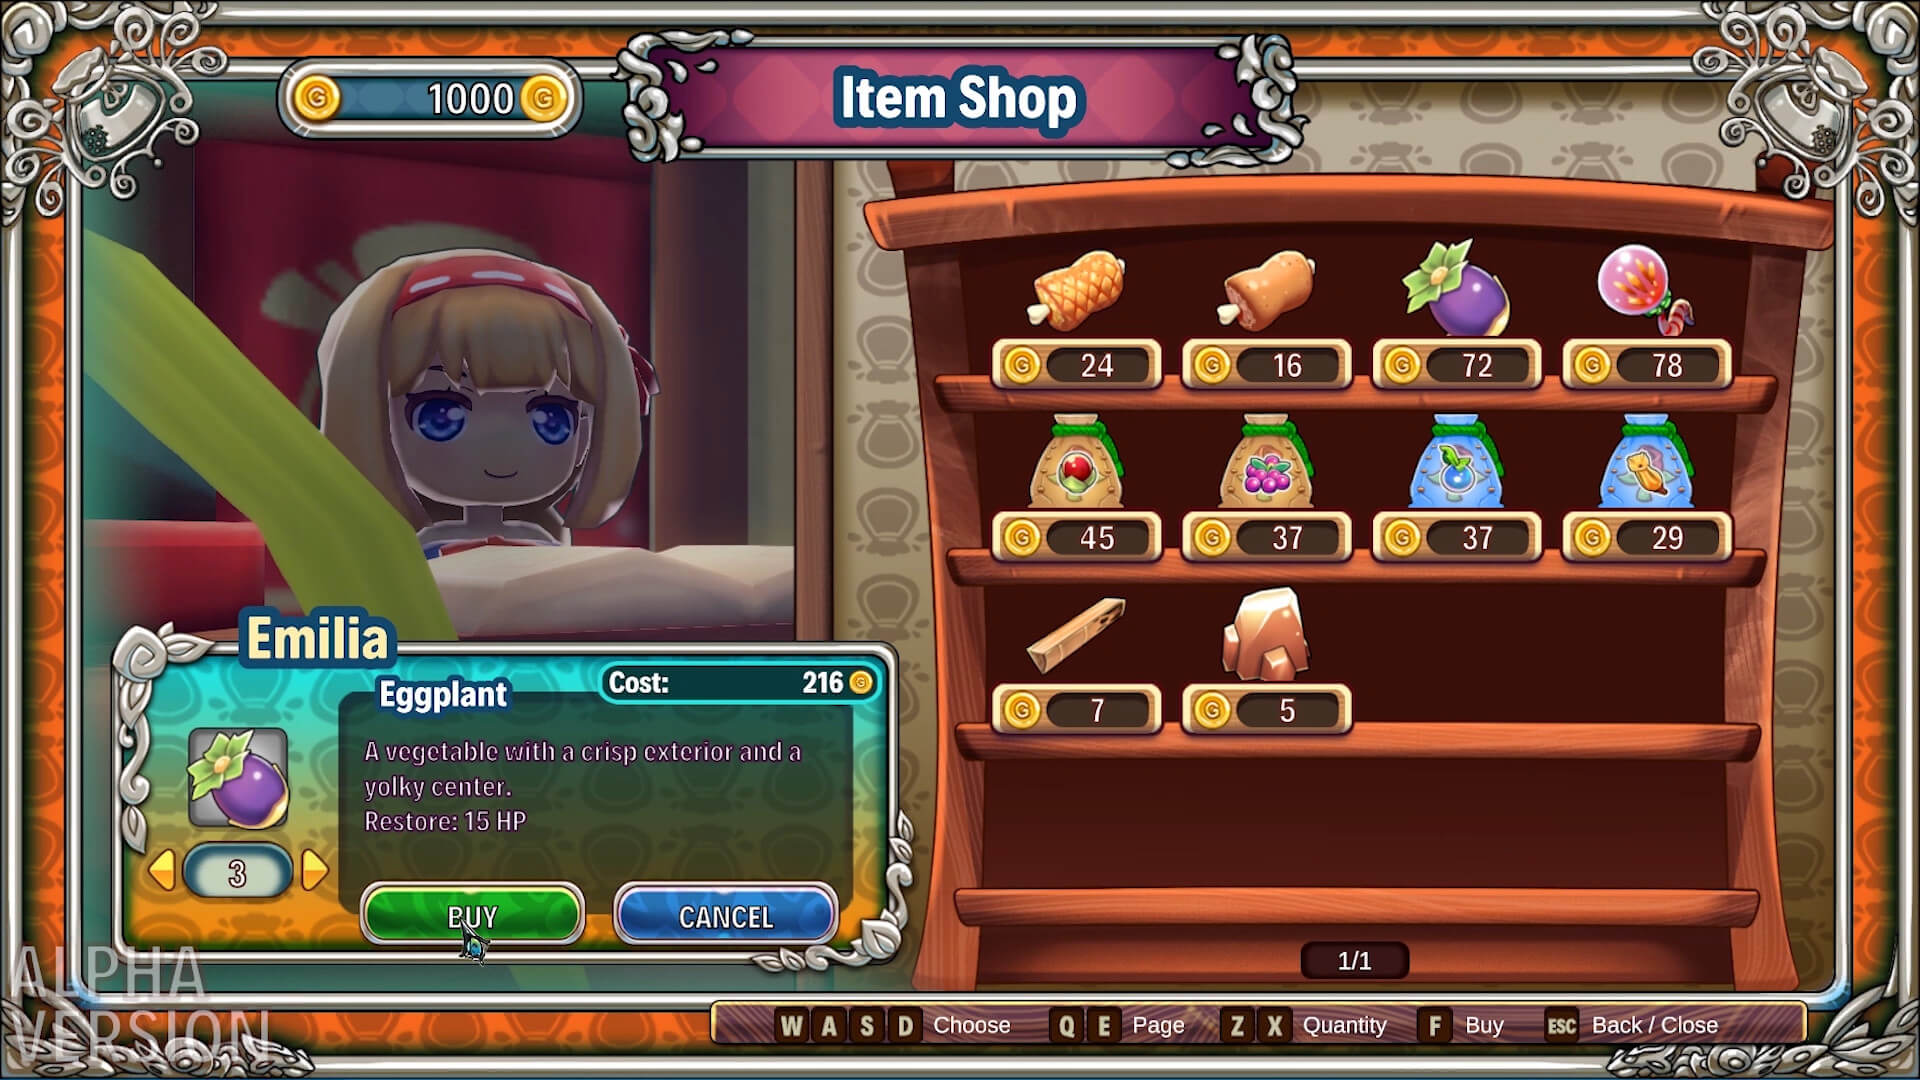 Скриншот из игры Re: Legend